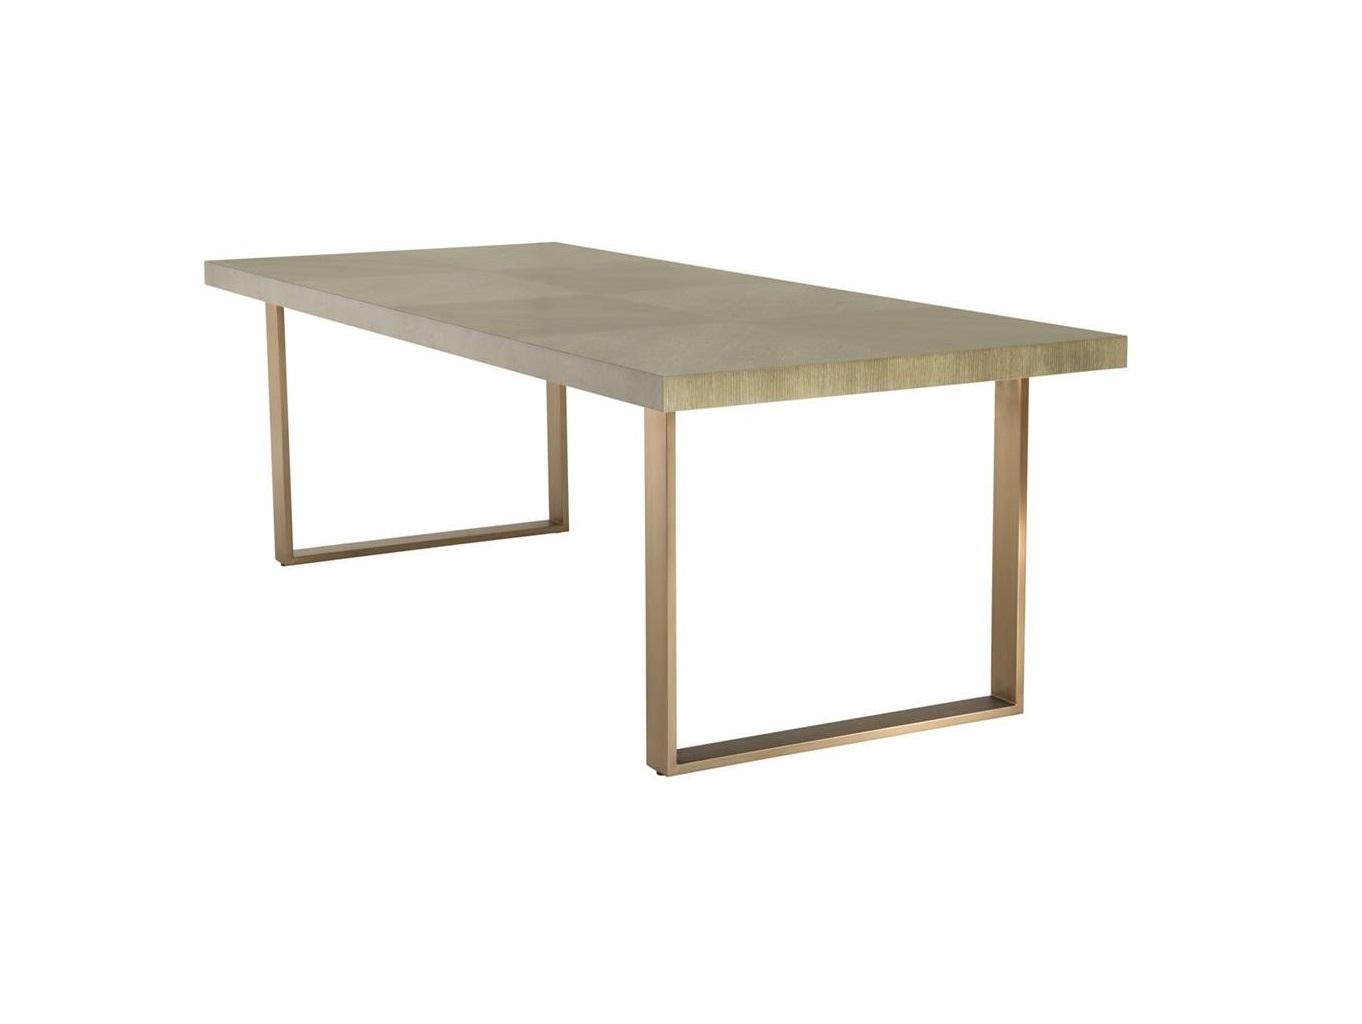 Стол RemingtonОбеденные столы<br>Обеденный стол Remington выполнен из дерева светло-коричневого цвета.&amp;amp;nbsp;&amp;lt;div&amp;gt;Каркас из металла цвета латунь.&amp;lt;/div&amp;gt;<br><br>Material: Дерево<br>Ширина см: 230.0<br>Высота см: 75.0<br>Глубина см: 100.0